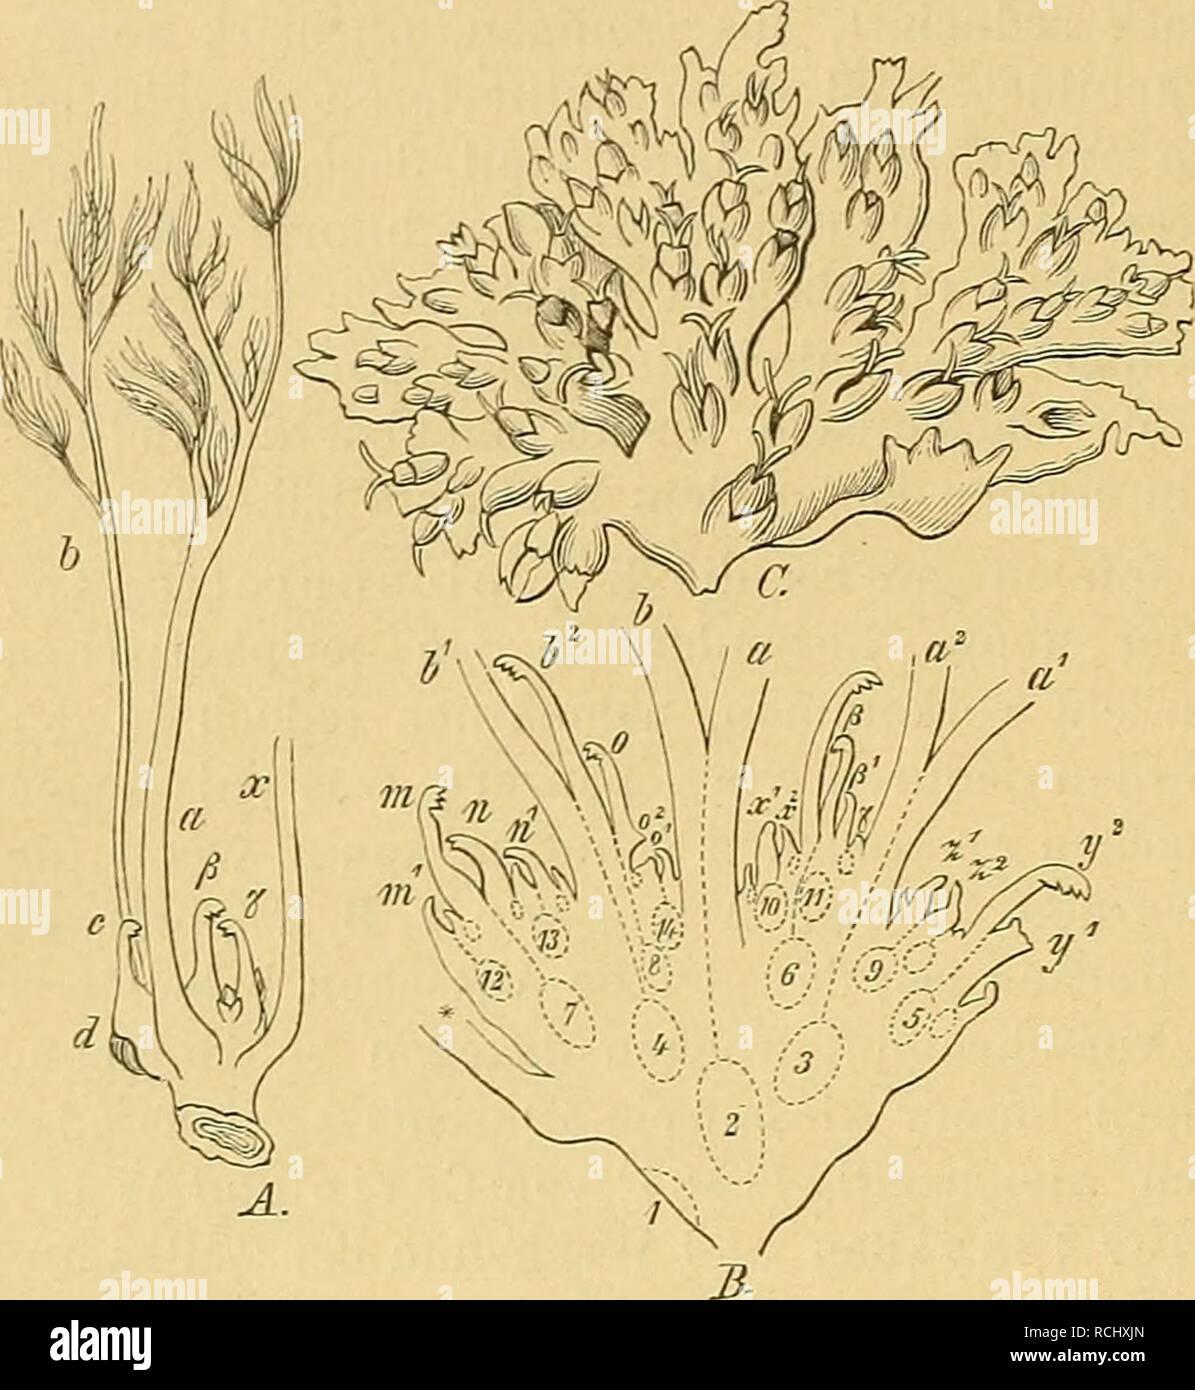 . Die Natürlichen Pflanzenfamilien : nebst ihren Gattungen und wichtigeren Arten, insbesondere den Nutzpflanzen. Plants; Plants, Useful. 10 Podostemaceae. (Warming.). Eine scheinbar abweichende Form ist Apinagia (Fig. I o). Die BL sitzen hier in einer Reihe auf der Rückenseite von sichelförmig gekrümmten Zweigen, und zwar mit B. alternierend; zwischen je 2 Bl. sitzt ein B., das laubblatt-, seltener mehr hochblatt- artig ausgebildet ist. In der That ist die Verzweigung aber dieselbe wie in Fig. 6, 7 u. 9, aber jeder Spross trägt nur  B. (die alleruntersten ausgenom- men), schlieÃt danach  - Stock Image